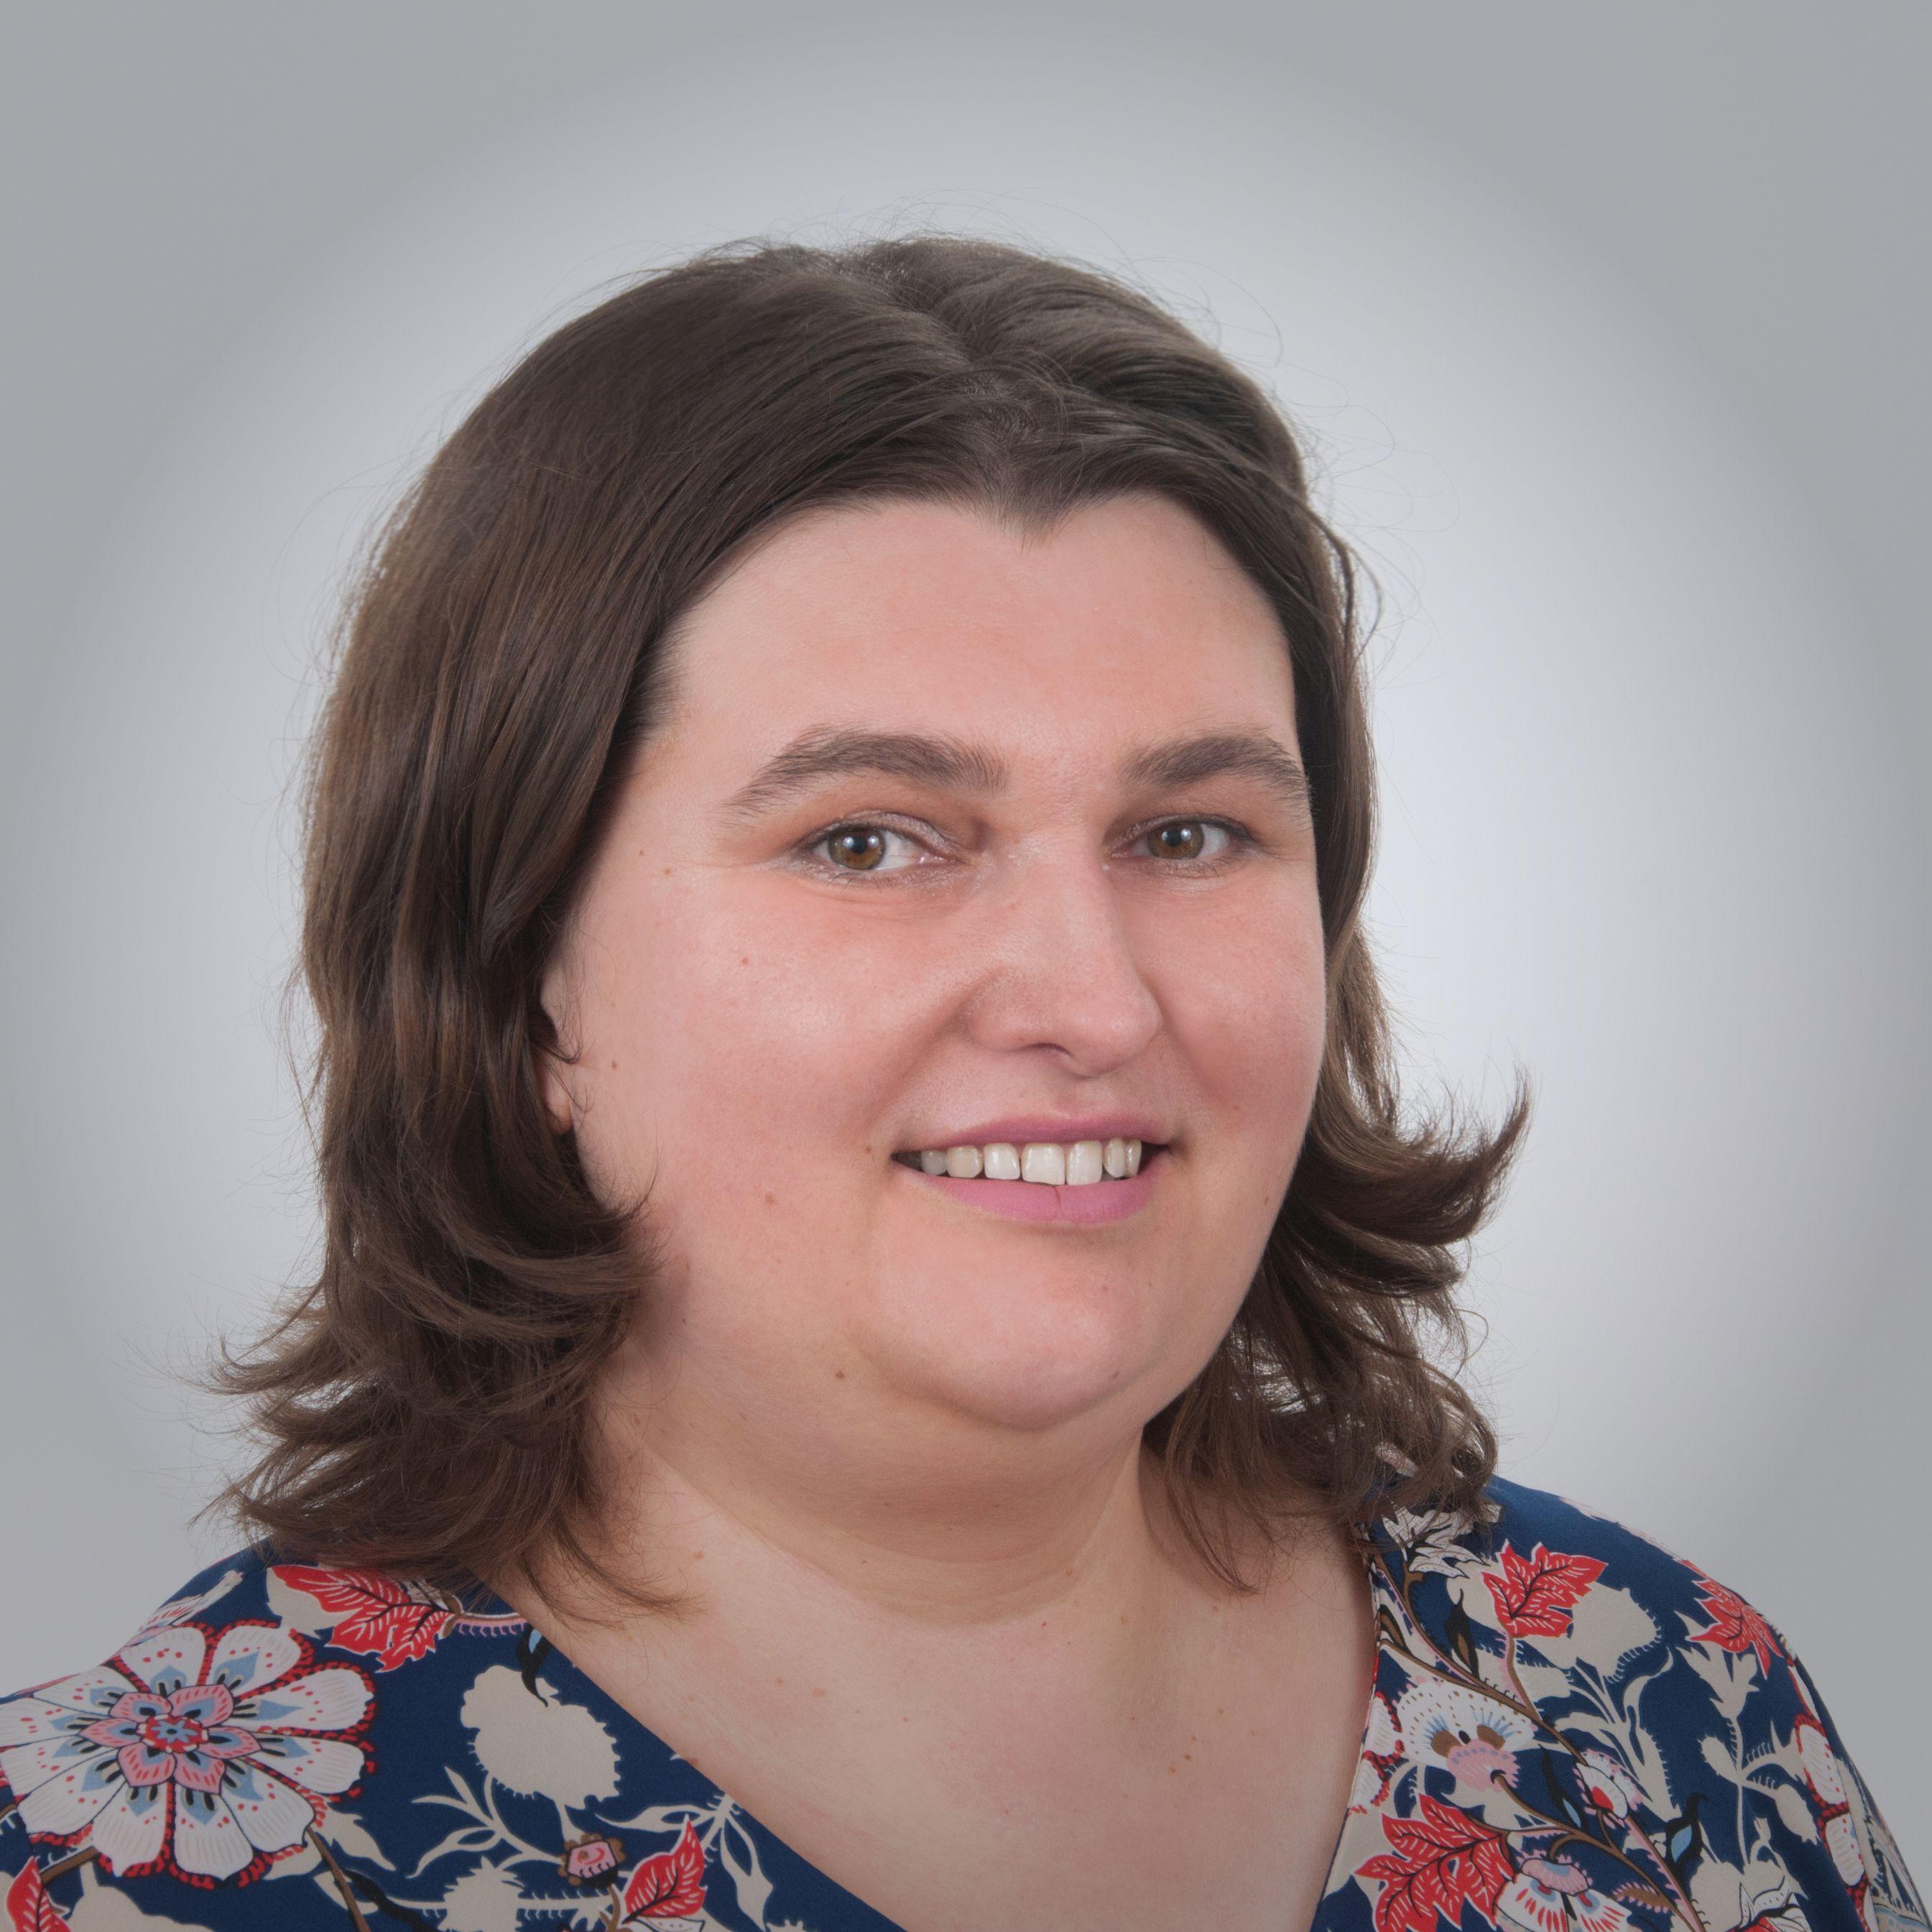 Małgorzata Karolczuk